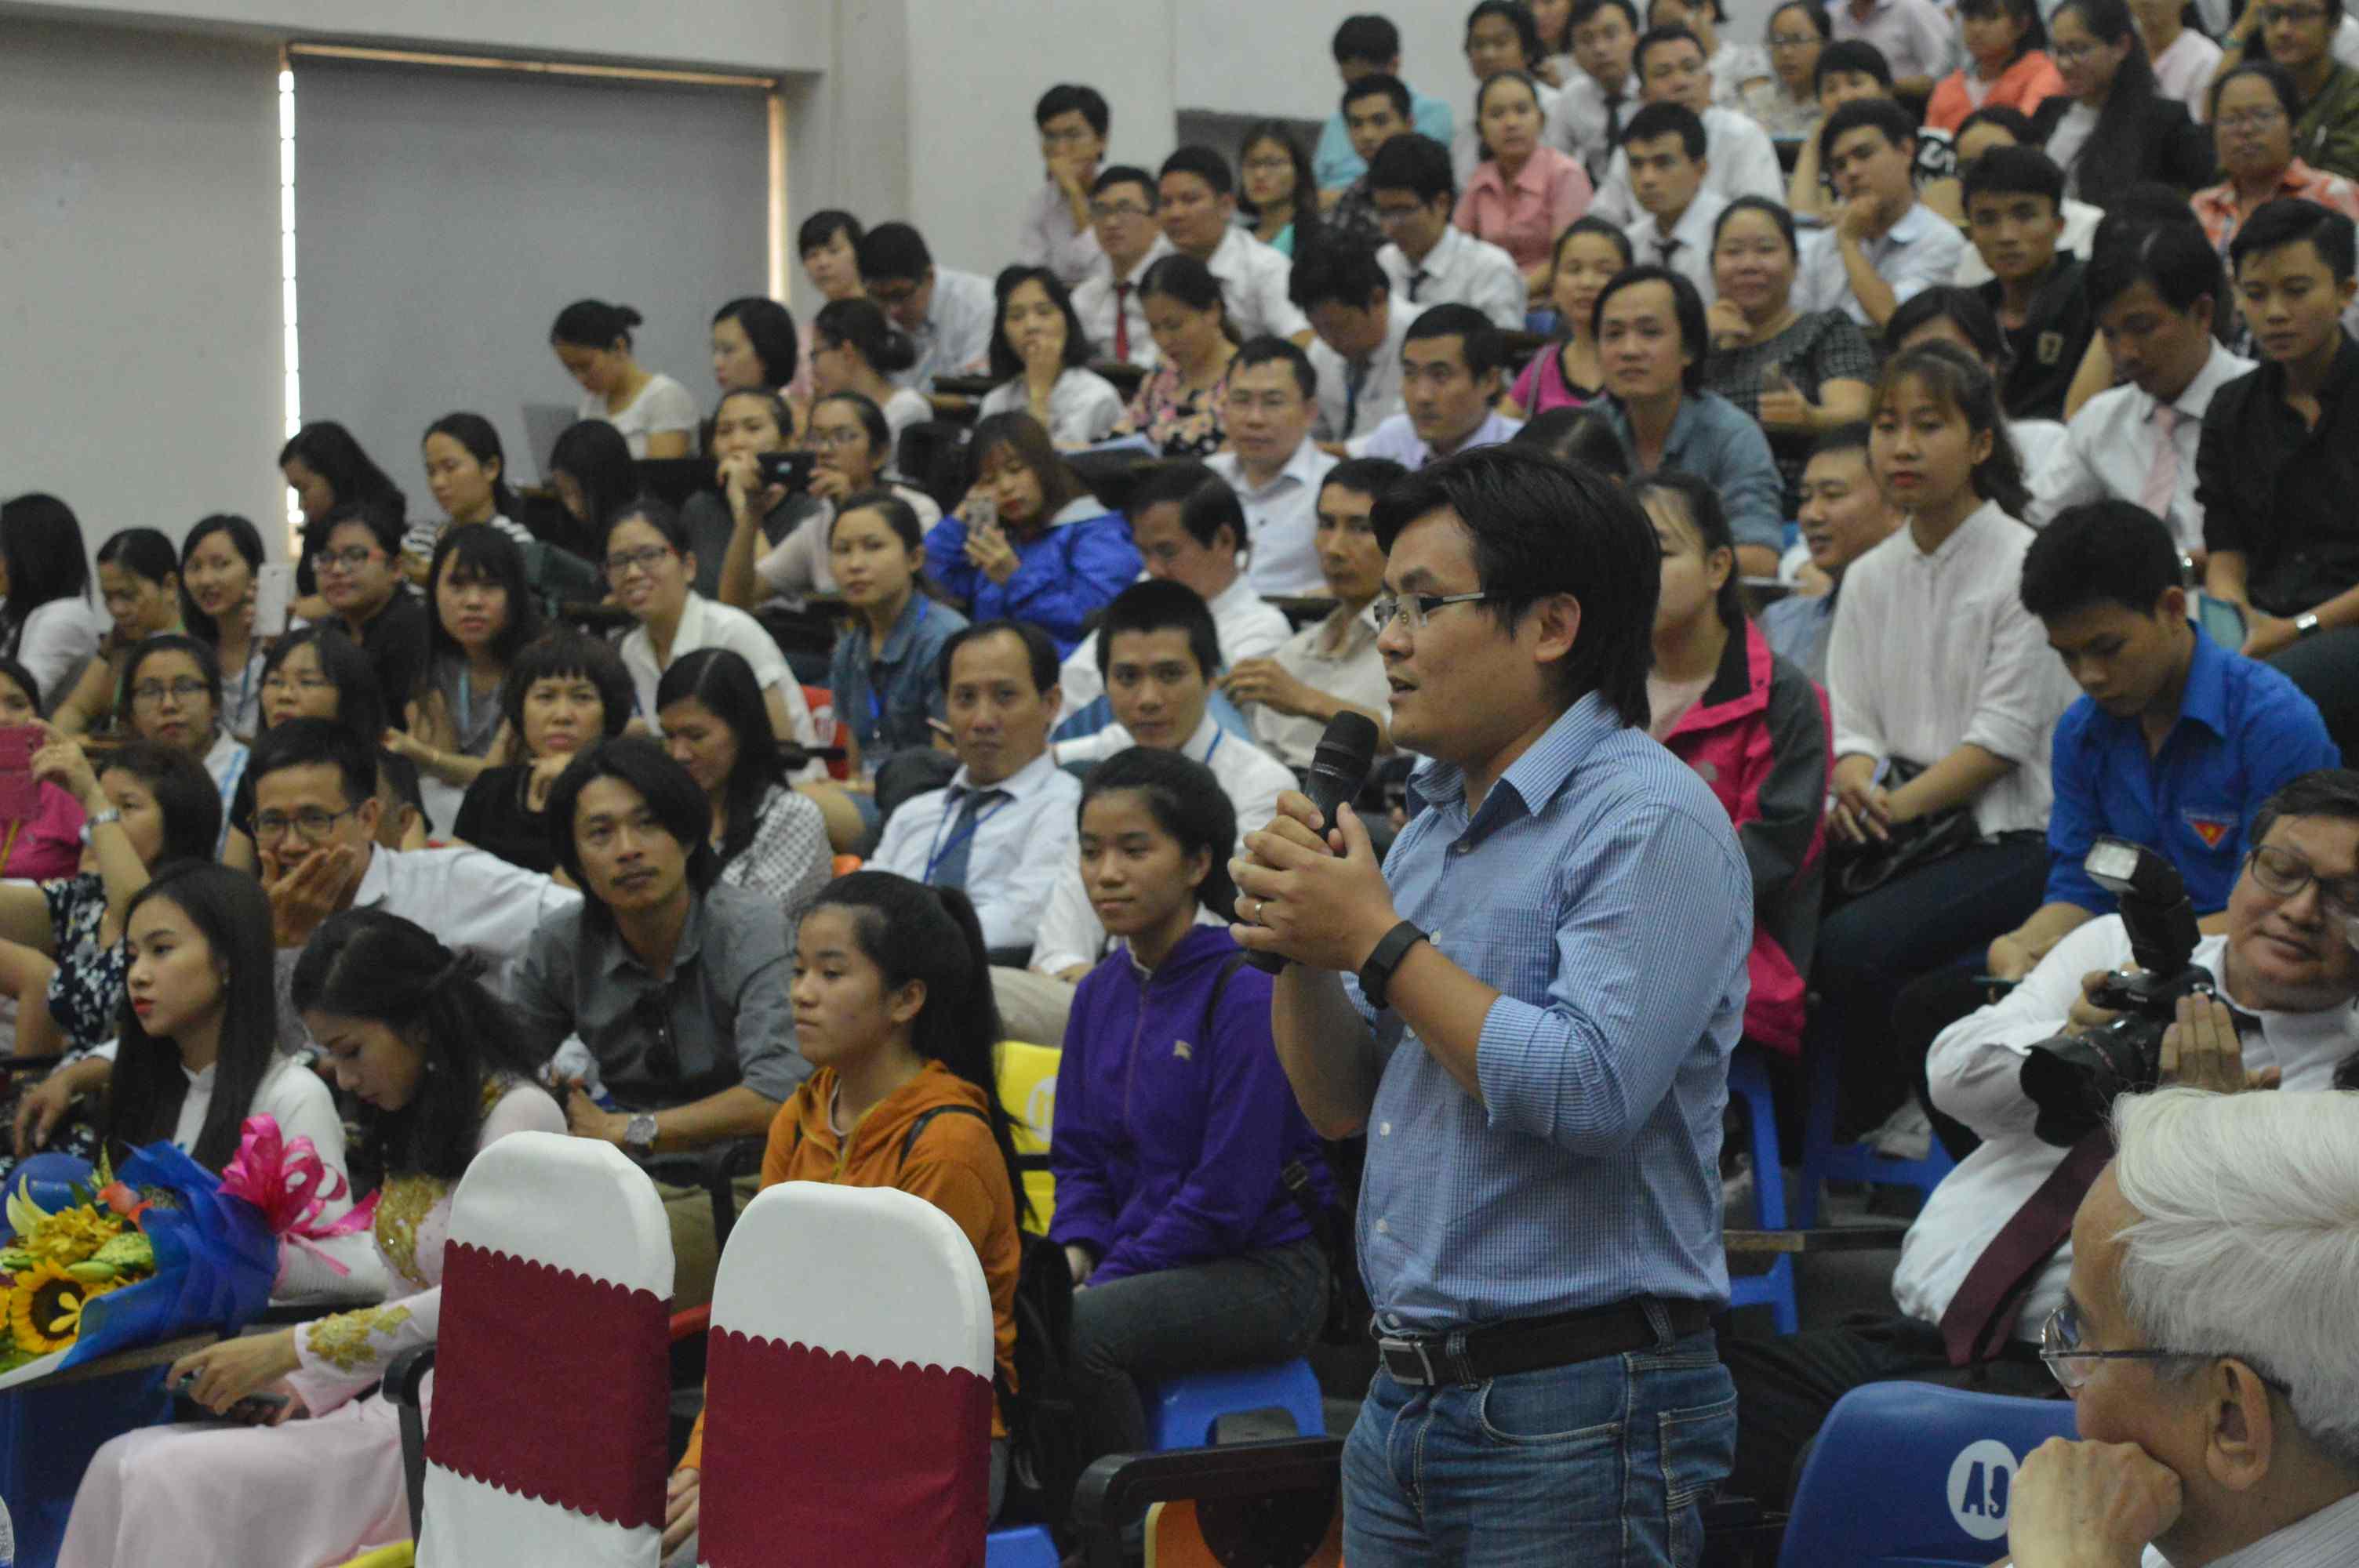 Một giảng viên của Đại học Duy Tân đặt câu hỏi trong buổi giao lưu. Ảnh: Q.T